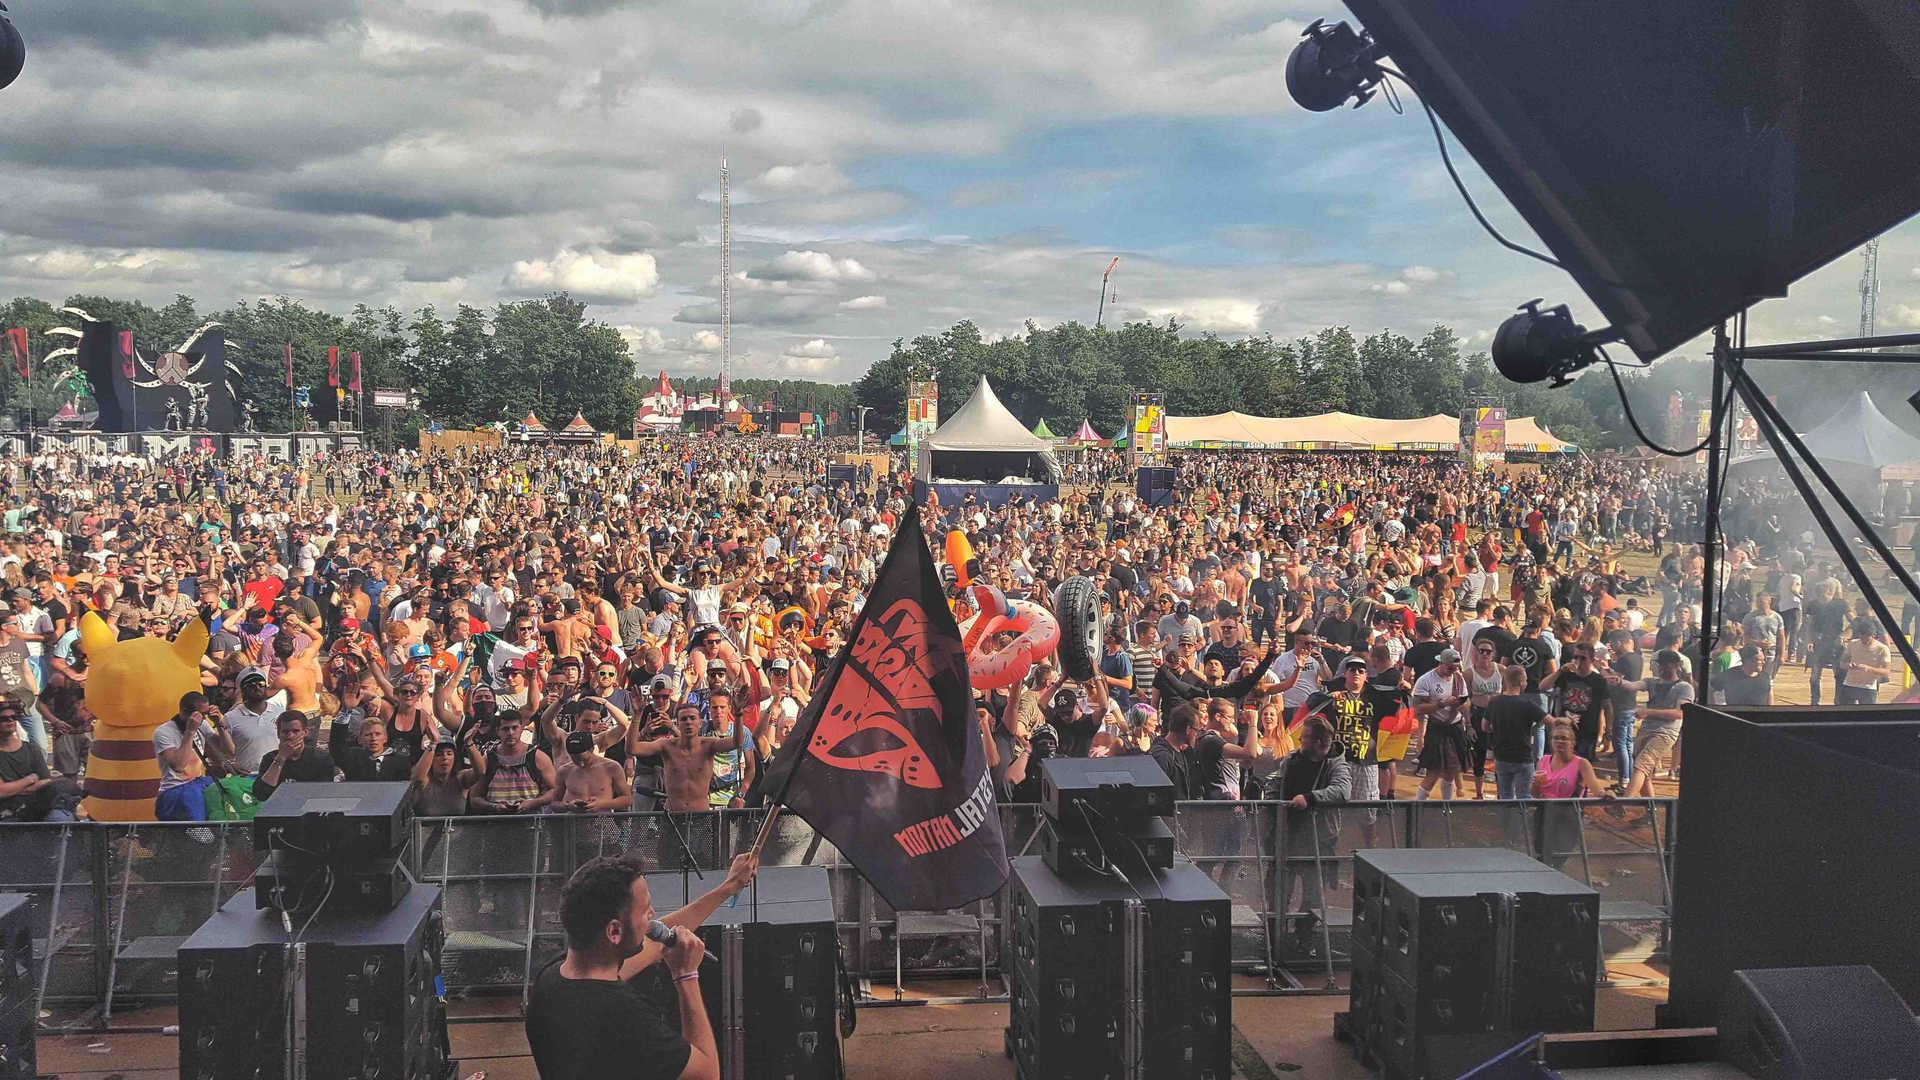 Crystal Lake Live at Defqon1 2018